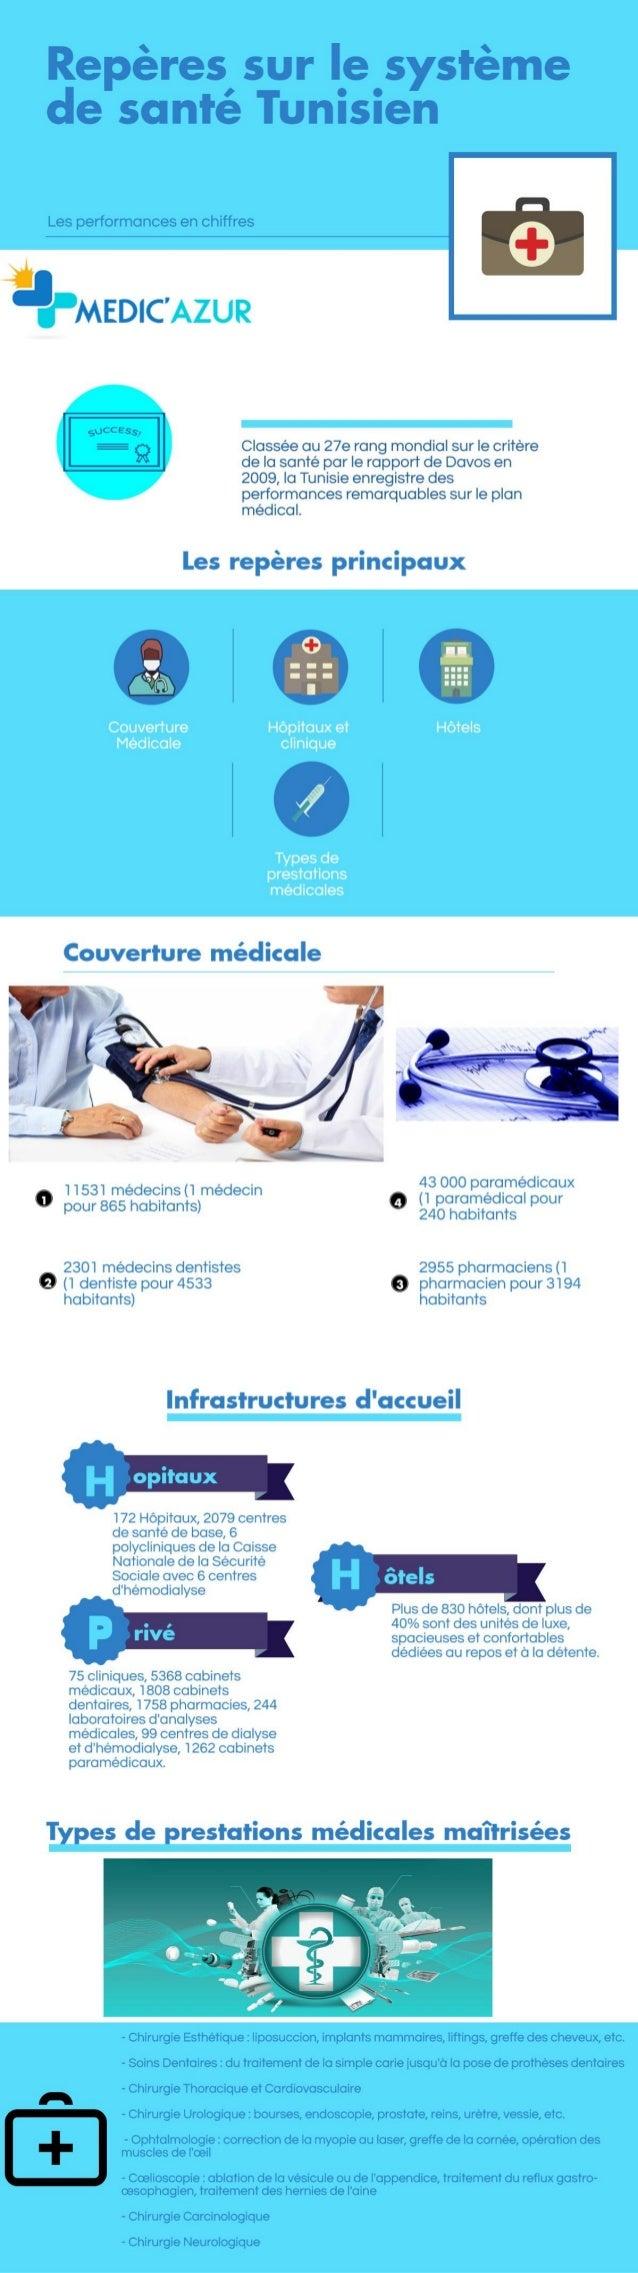 Le Système de Santé Tunisien - Repères chiffrés